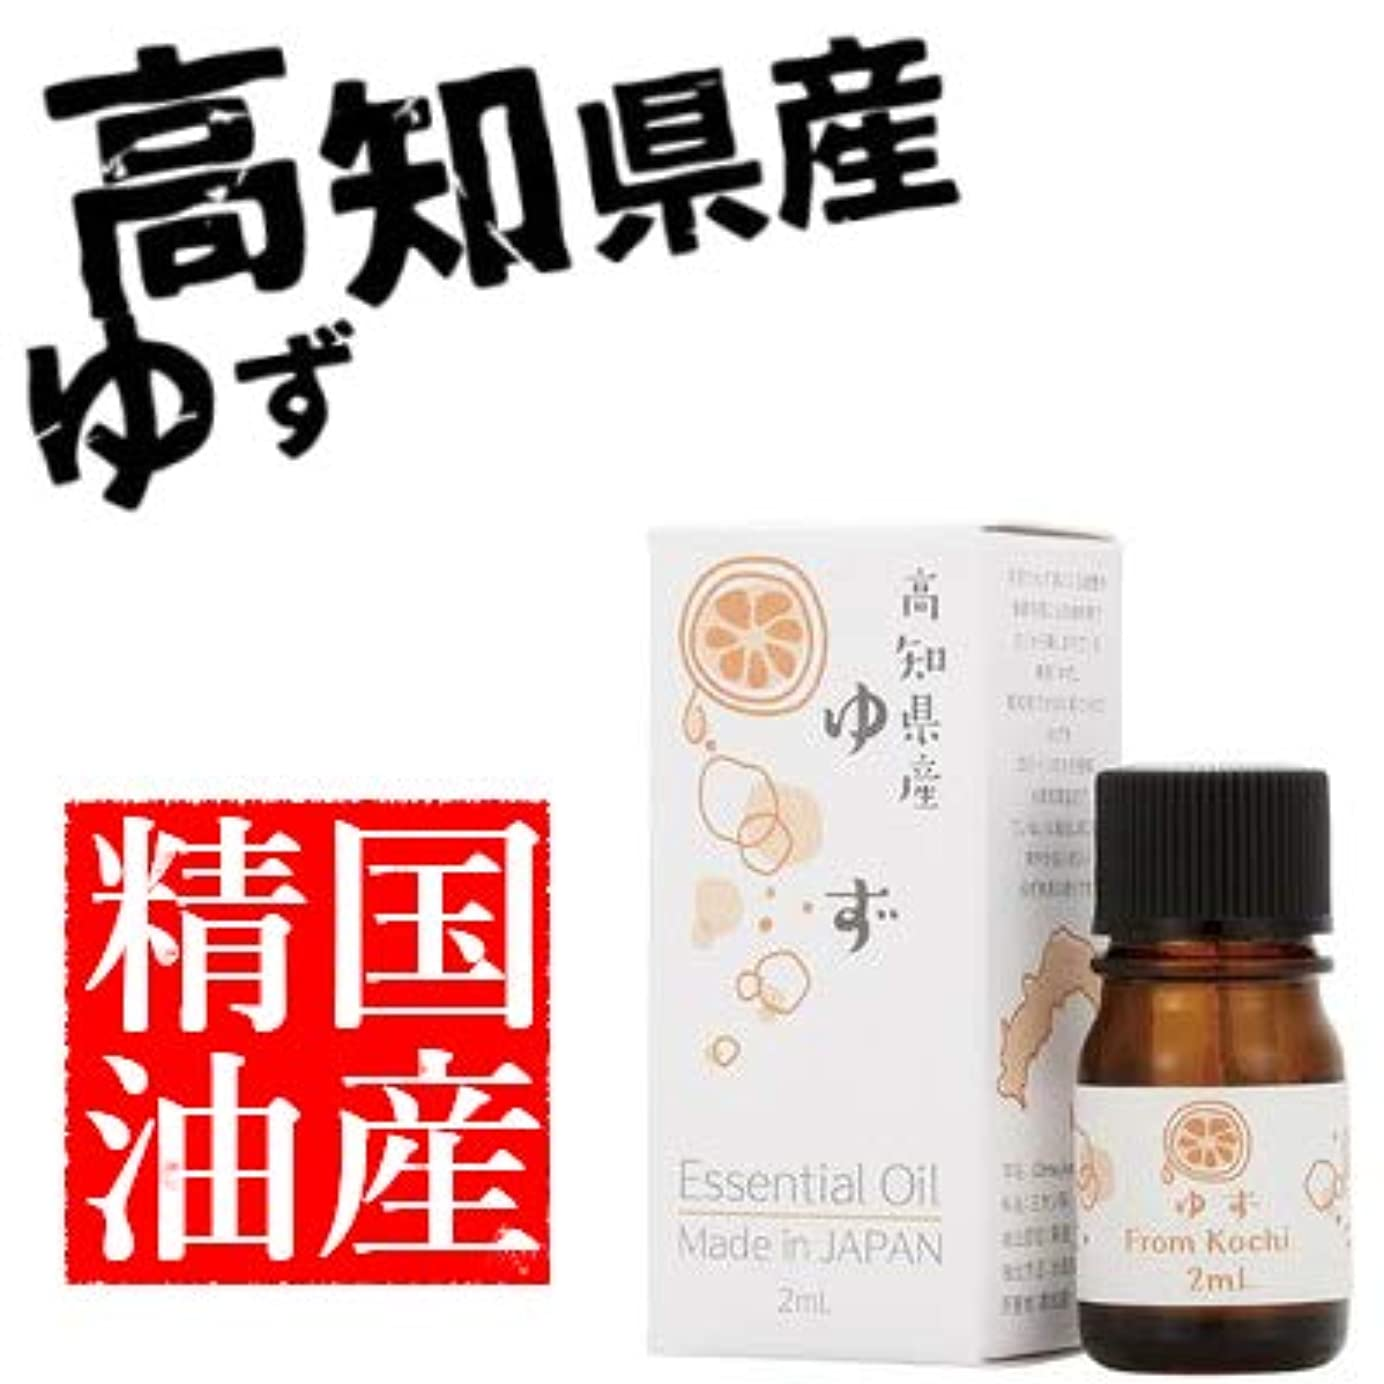 大人食品時日本の香りシリーズ エッセンシャルオイル 国産精油 (ゆず)